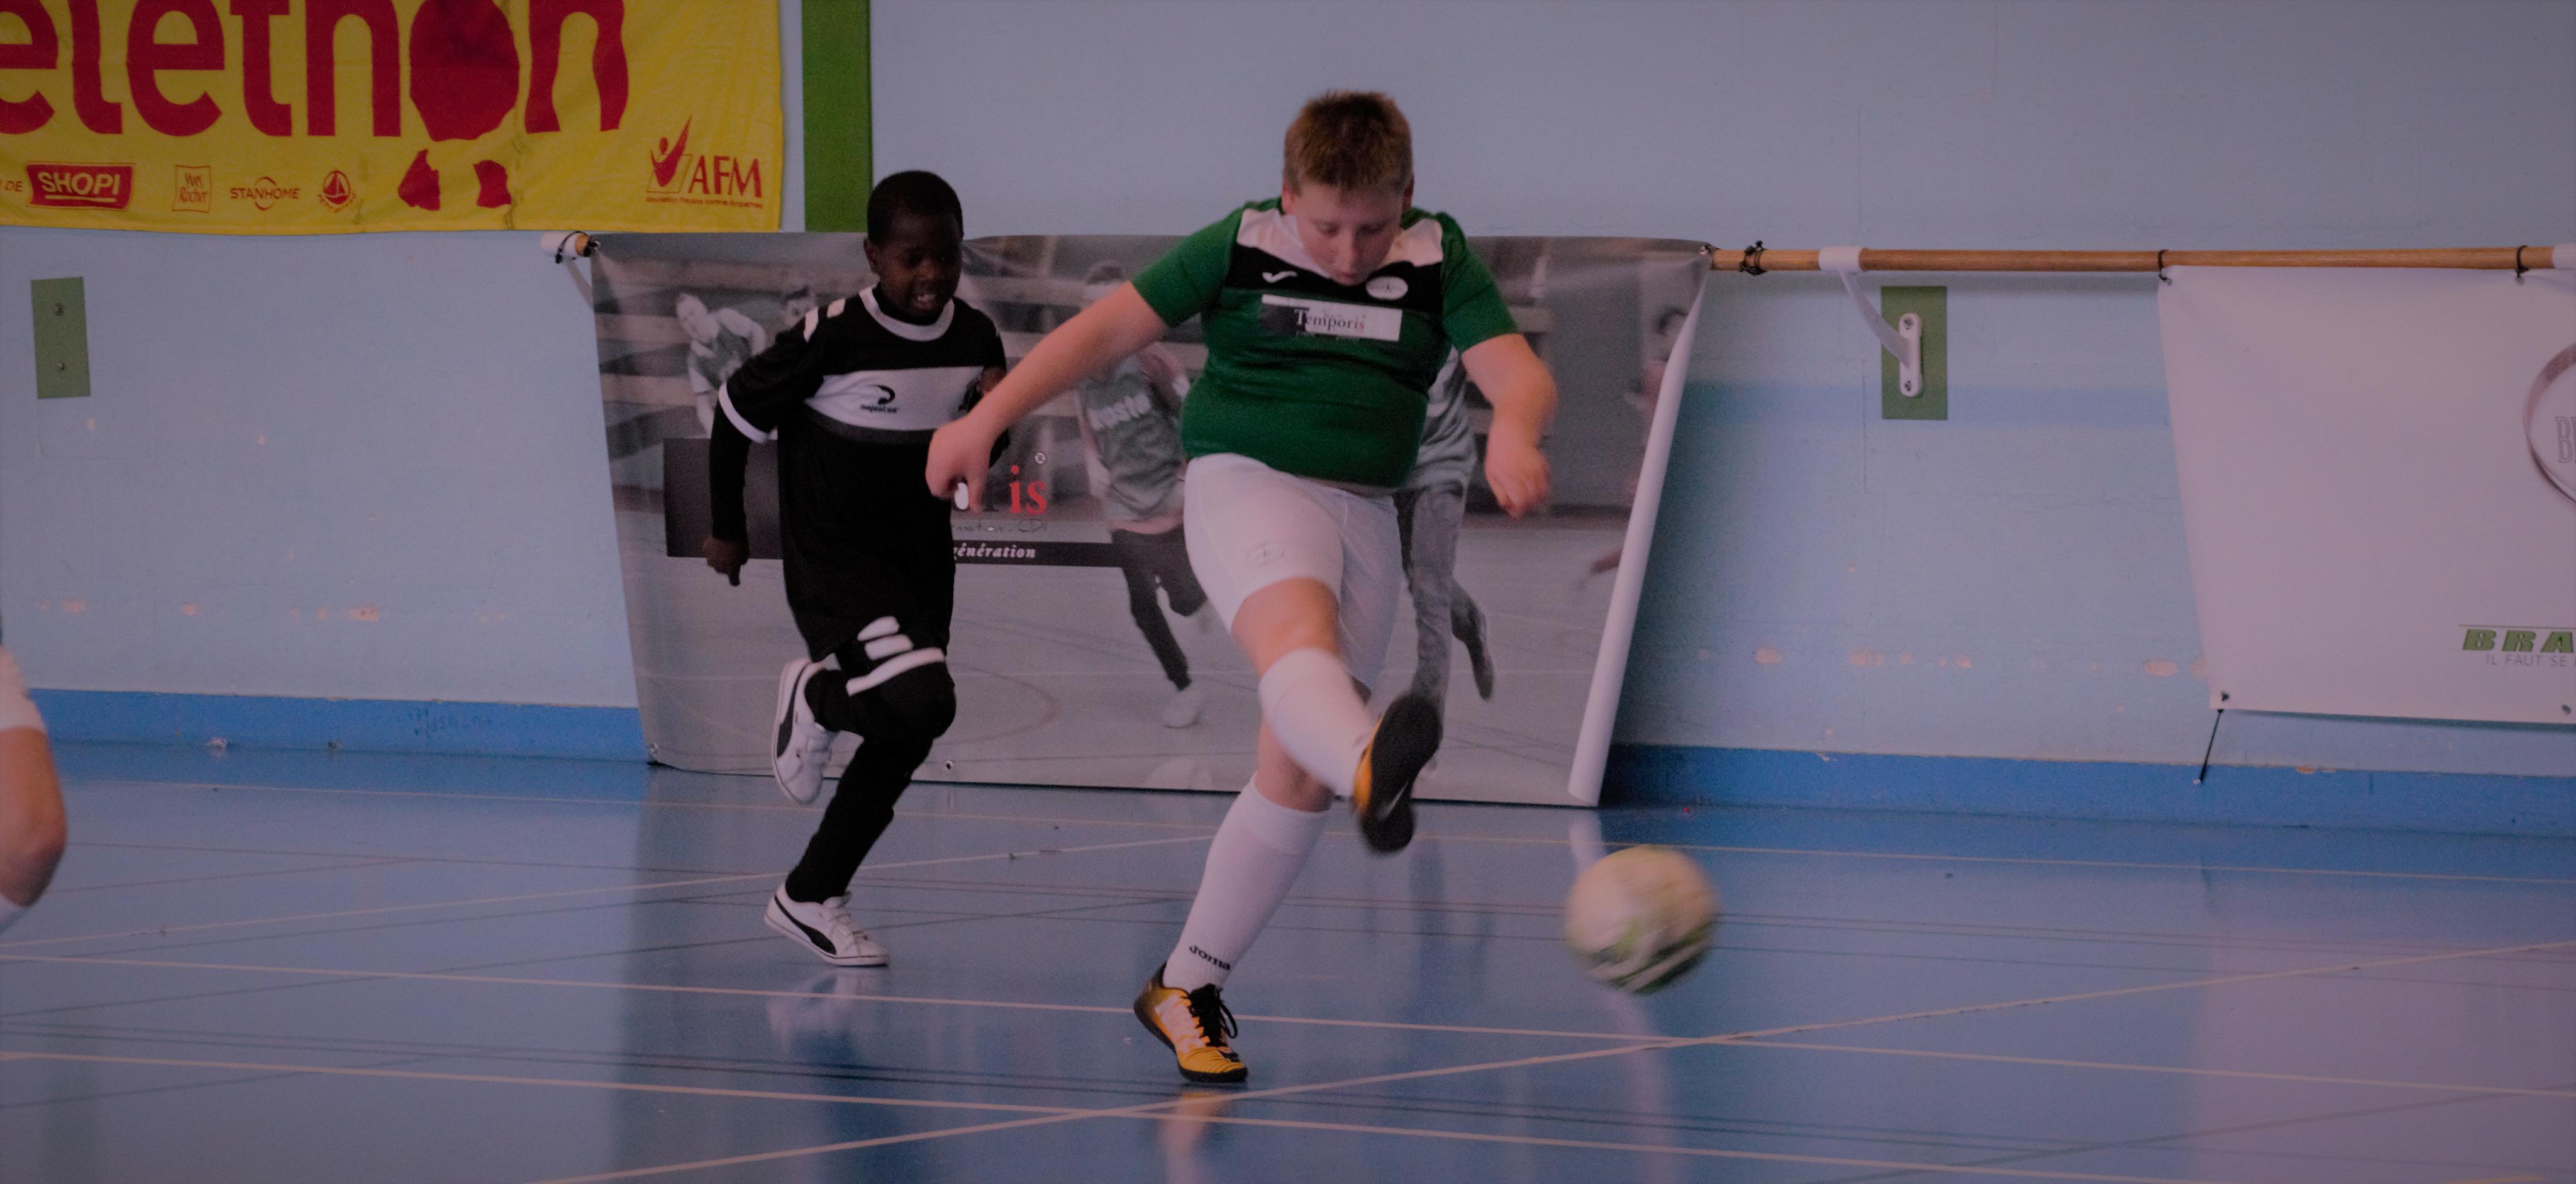 academie futsal france aff (4)